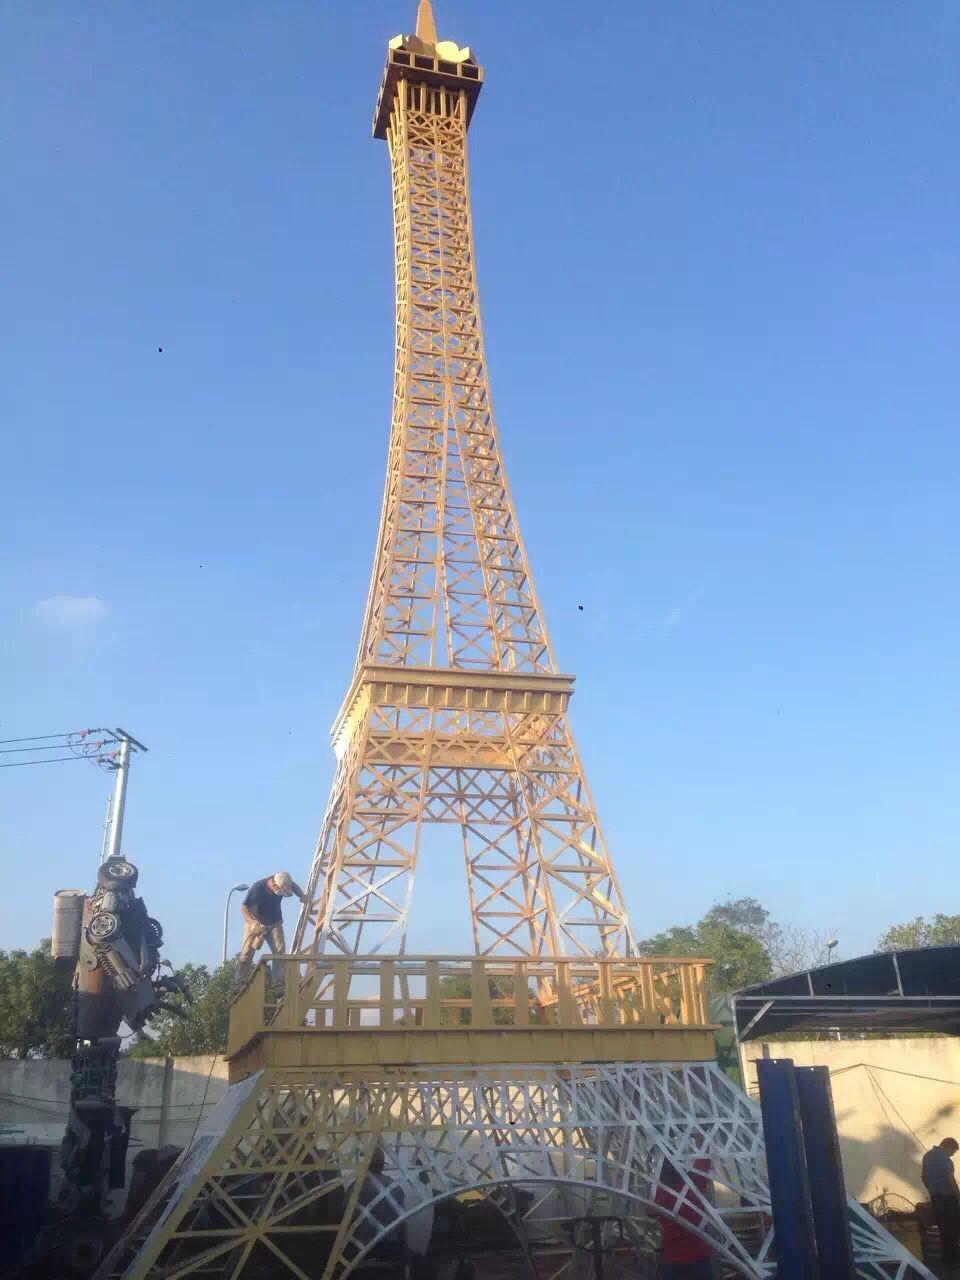 展品便是埃菲尔铁塔